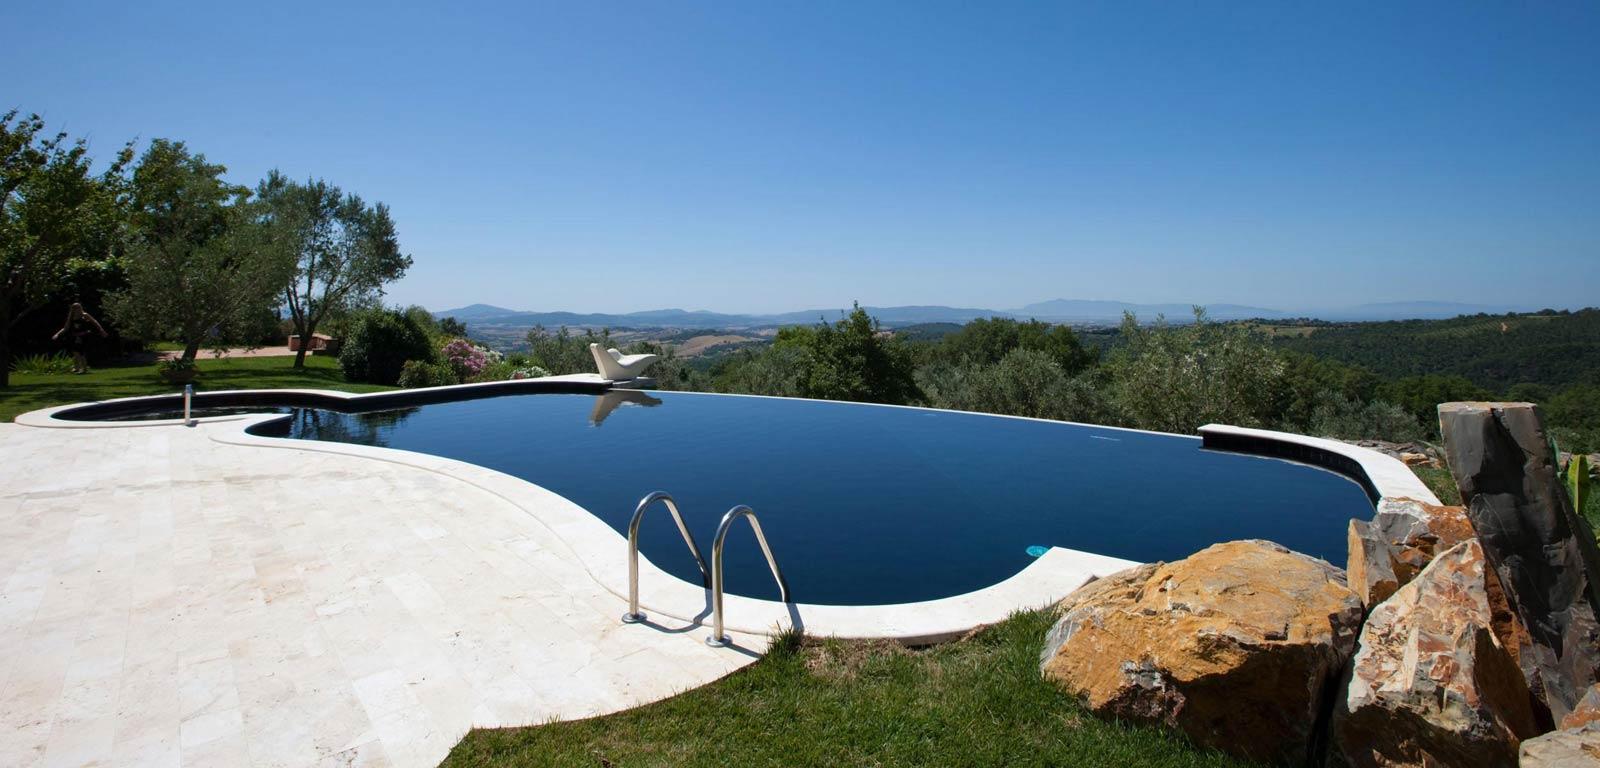 Piscine Sfioro A Cascata sfioro a cascata per piscine interrate - cvp italia